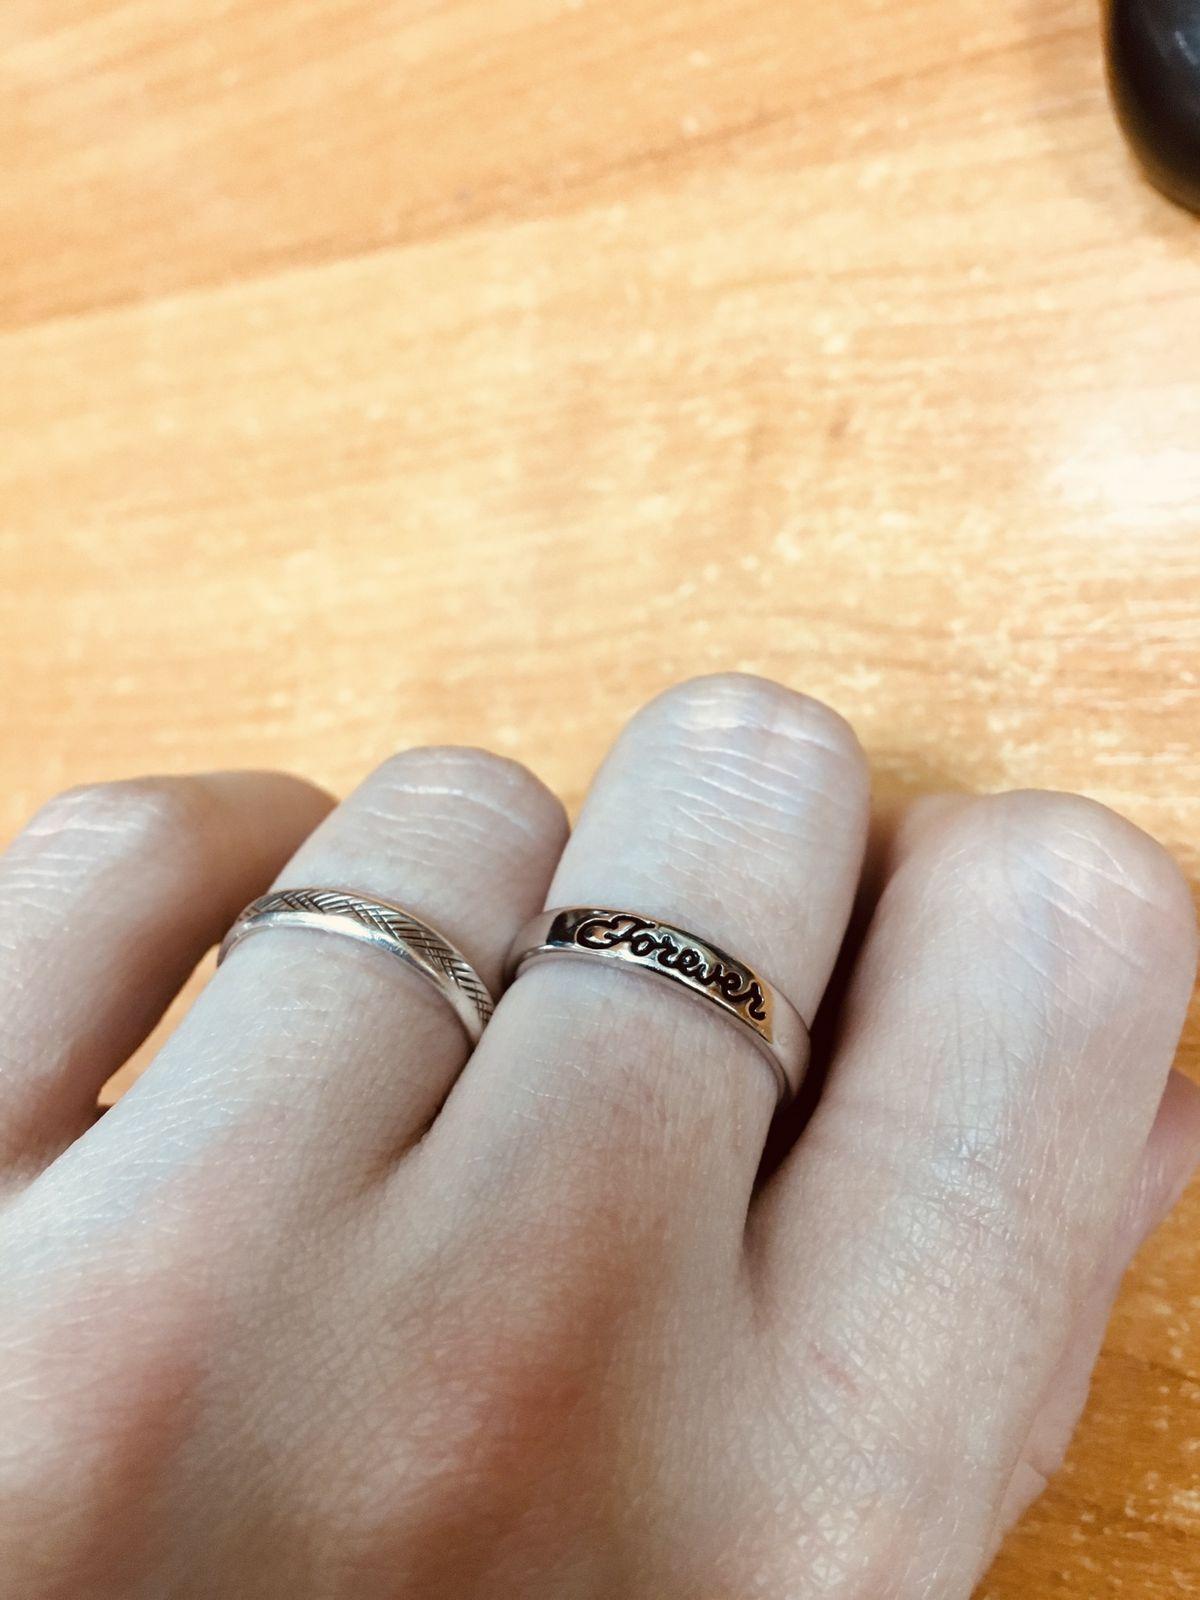 Слабое кольцо с сильной надписью.